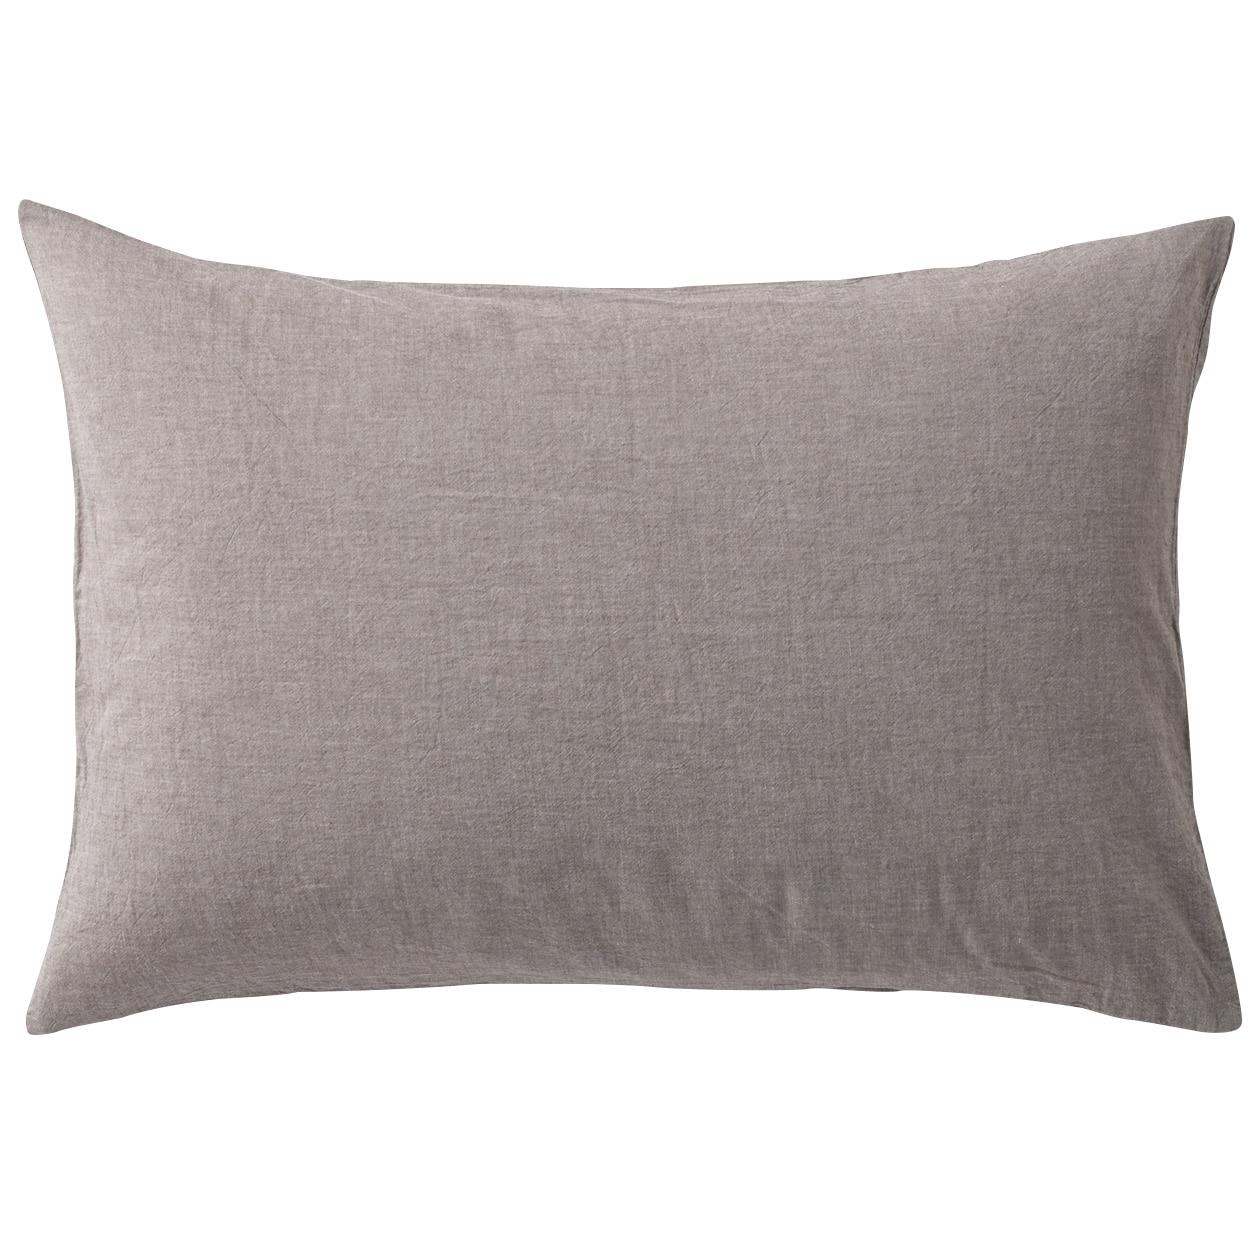 オーガニックコットン洗いざらしまくらカバー/生成 43×100cm用/ブラウン